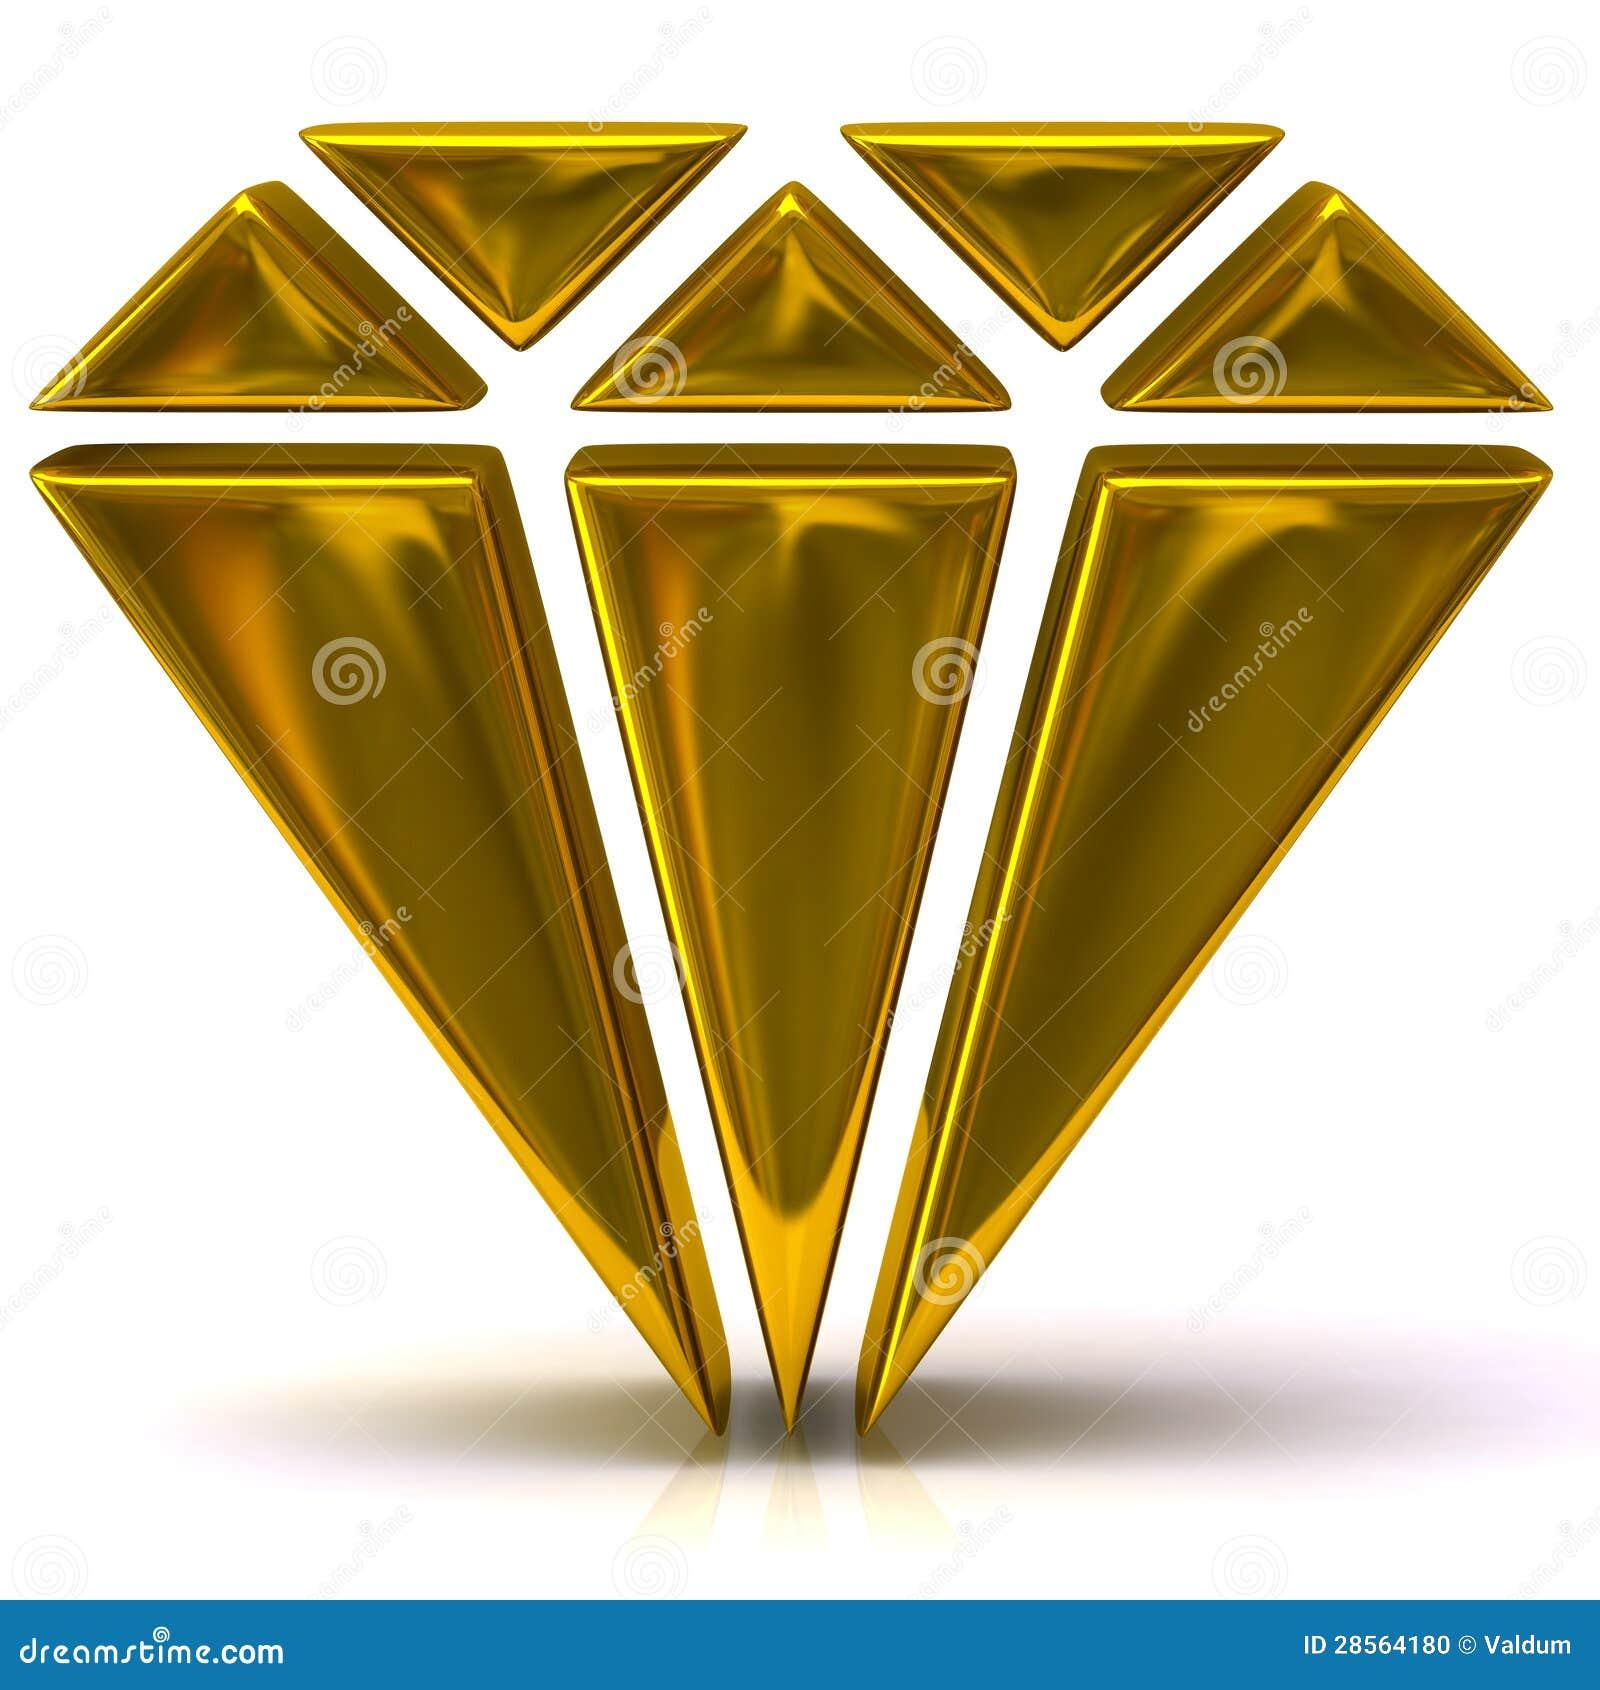 Gold Diamond Icon Stock Photo Image 28564180